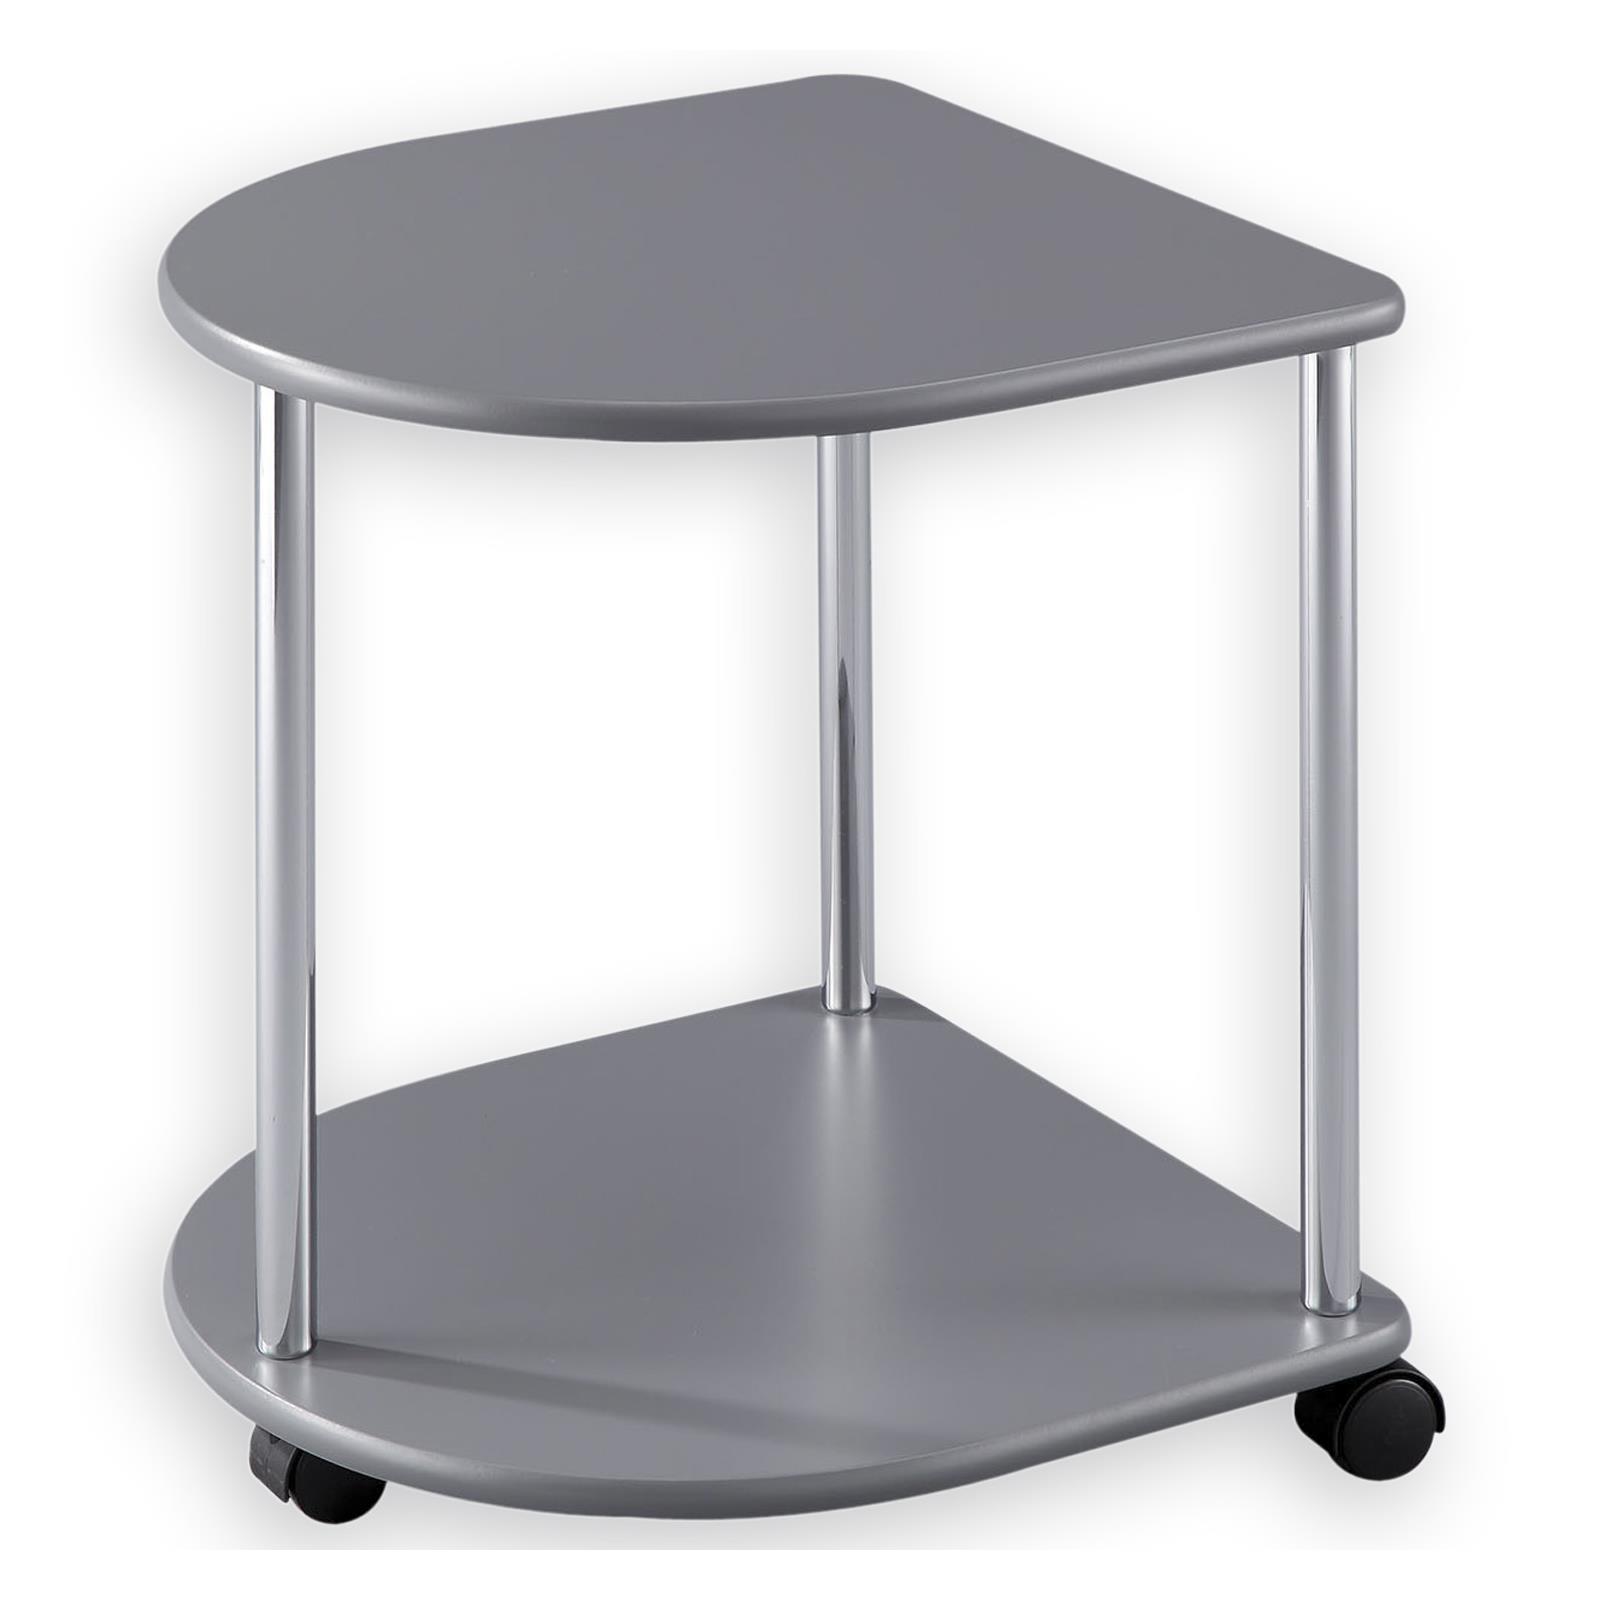 couchtisch beistelltisch wohnzimmertisch tisch rund auf. Black Bedroom Furniture Sets. Home Design Ideas